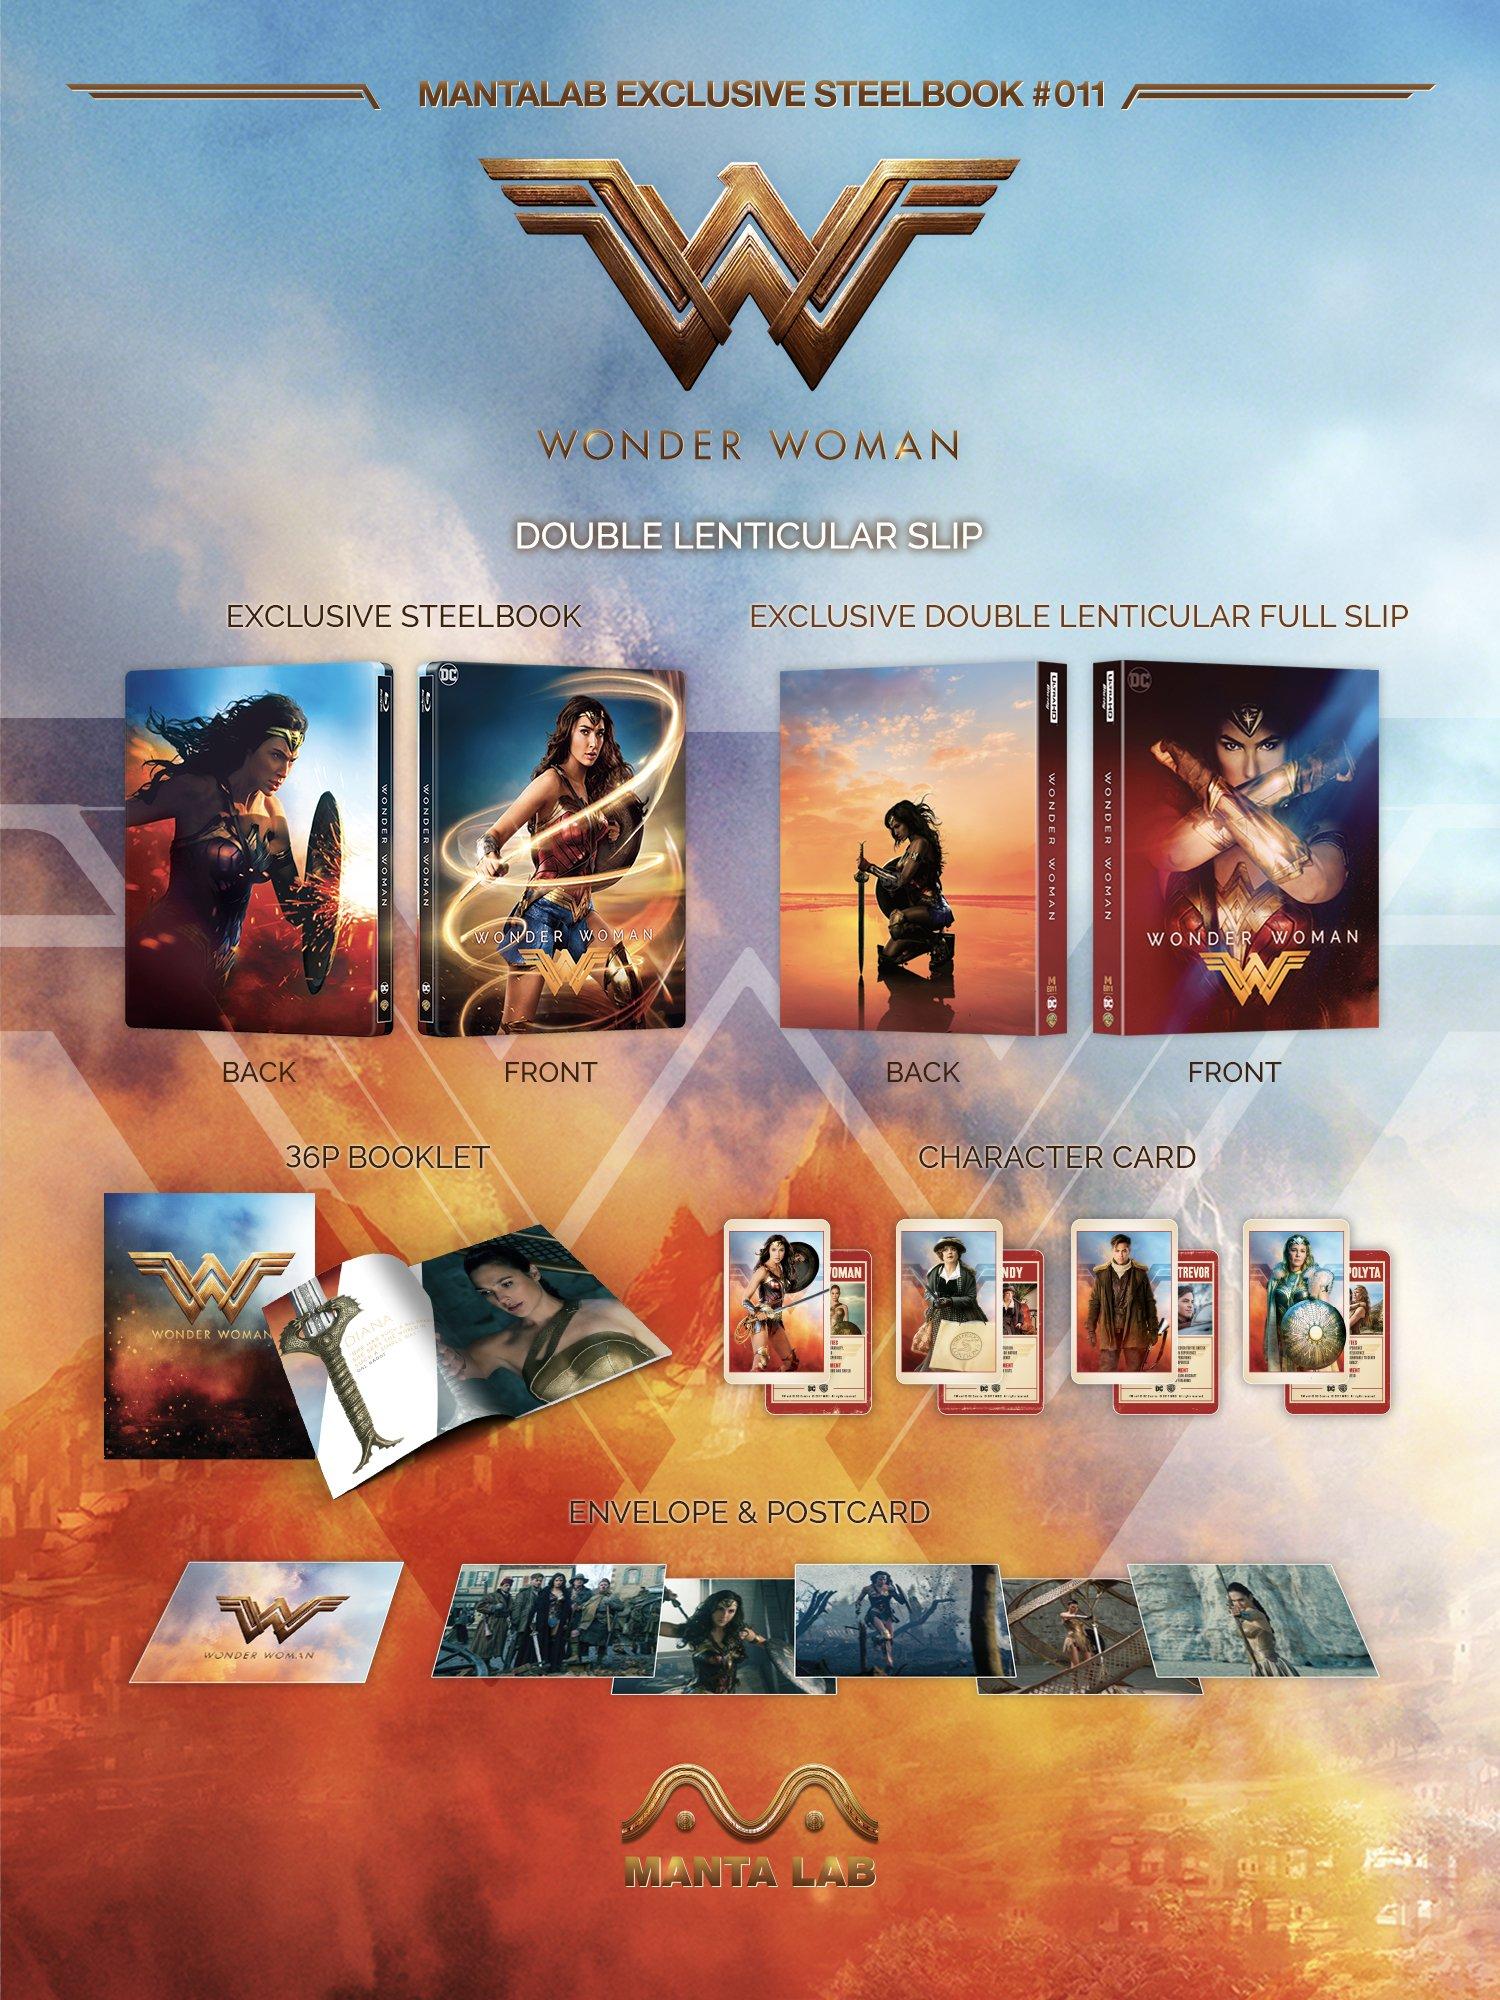 ワンダーウーマン 香港Manta Lab スチールブック WONDER WOMAN steelbook